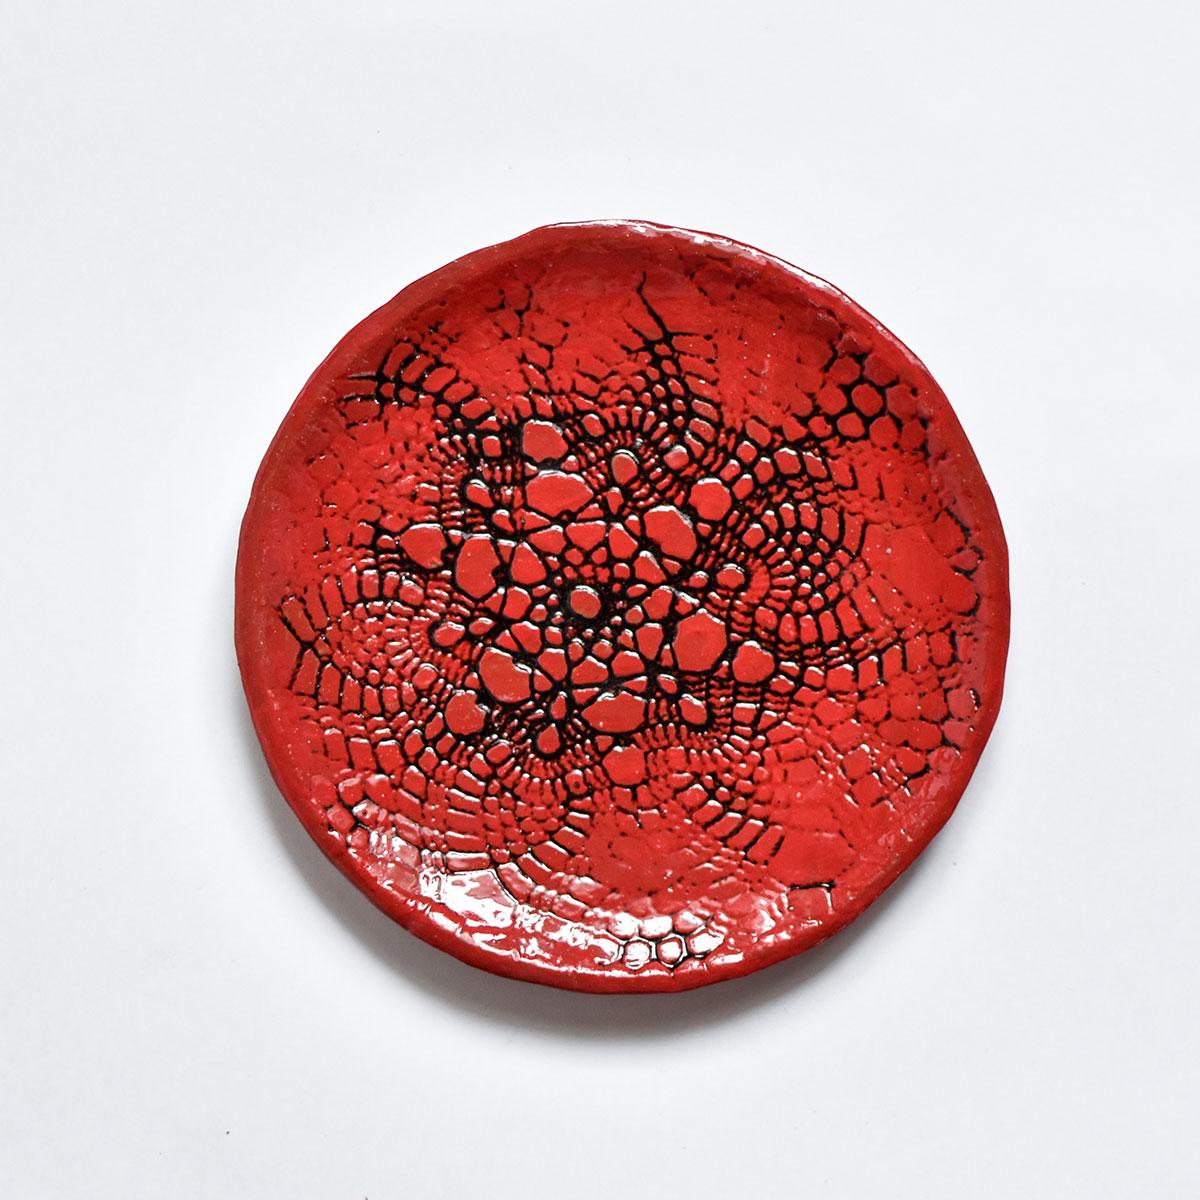 """картинка Кружевное блюдце ручной работы """"Огонь"""" 6 - DishWishes.Ru"""